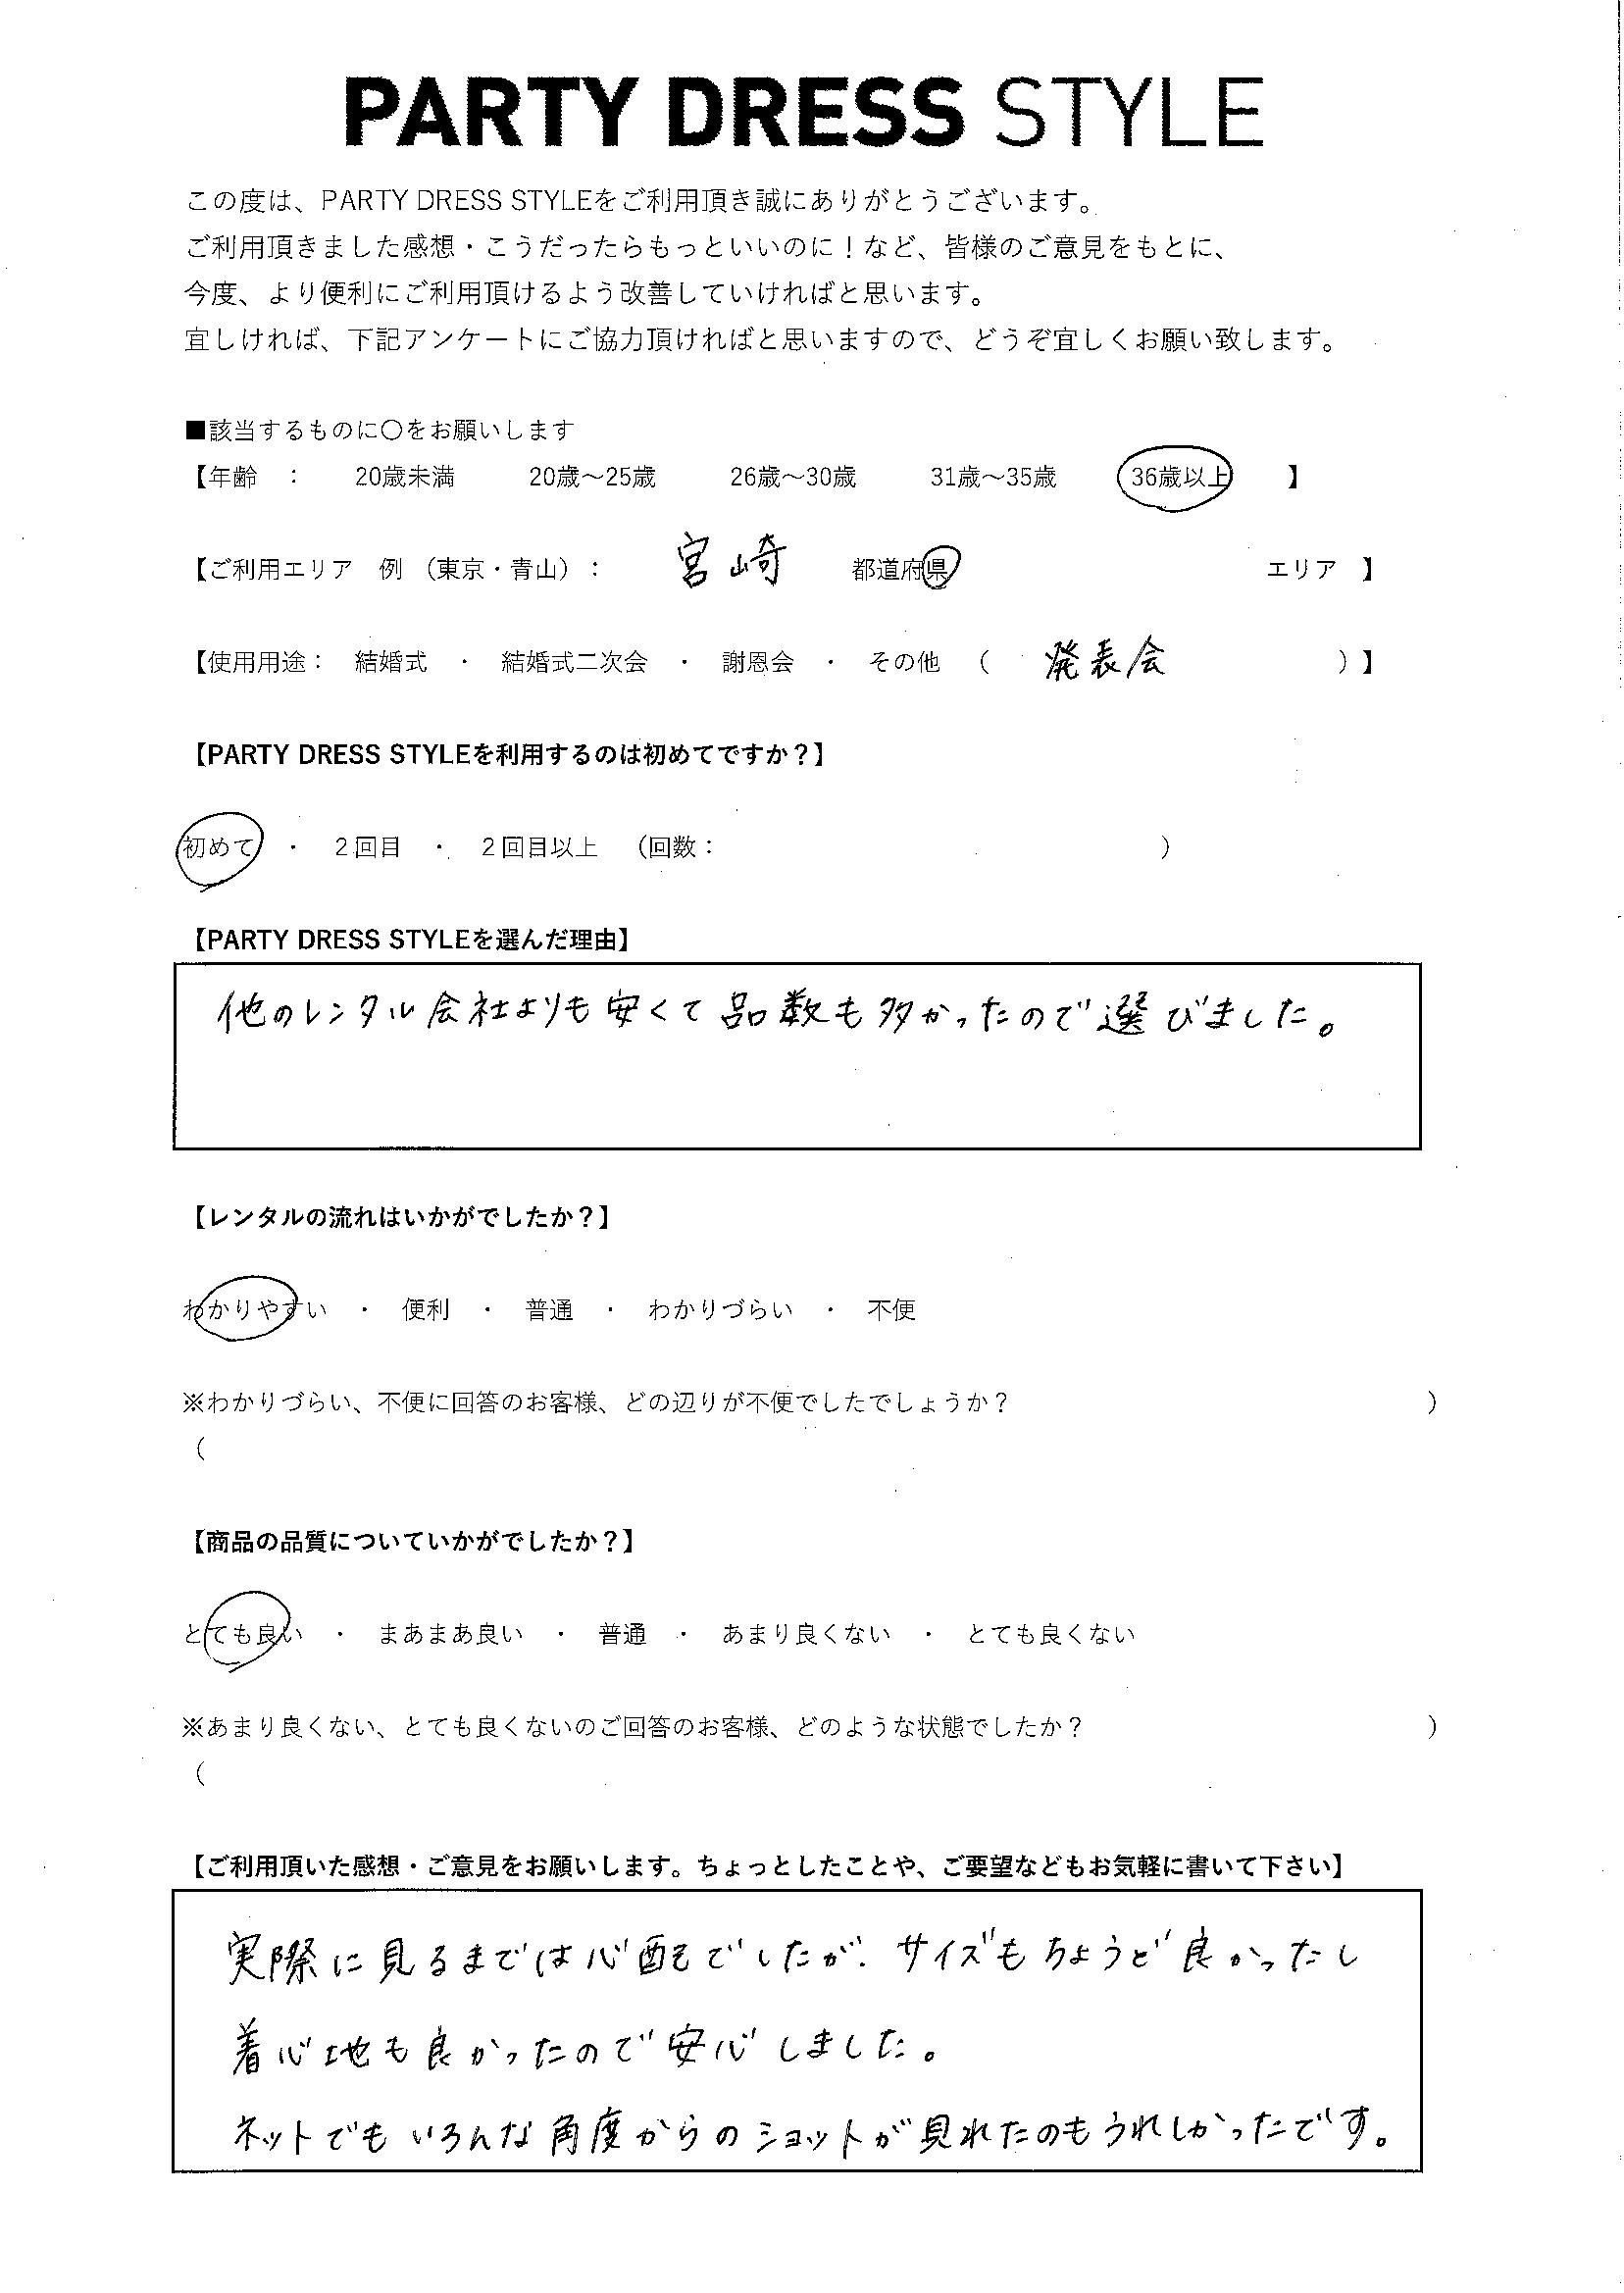 1/20発表会ご利用 宮崎エリア